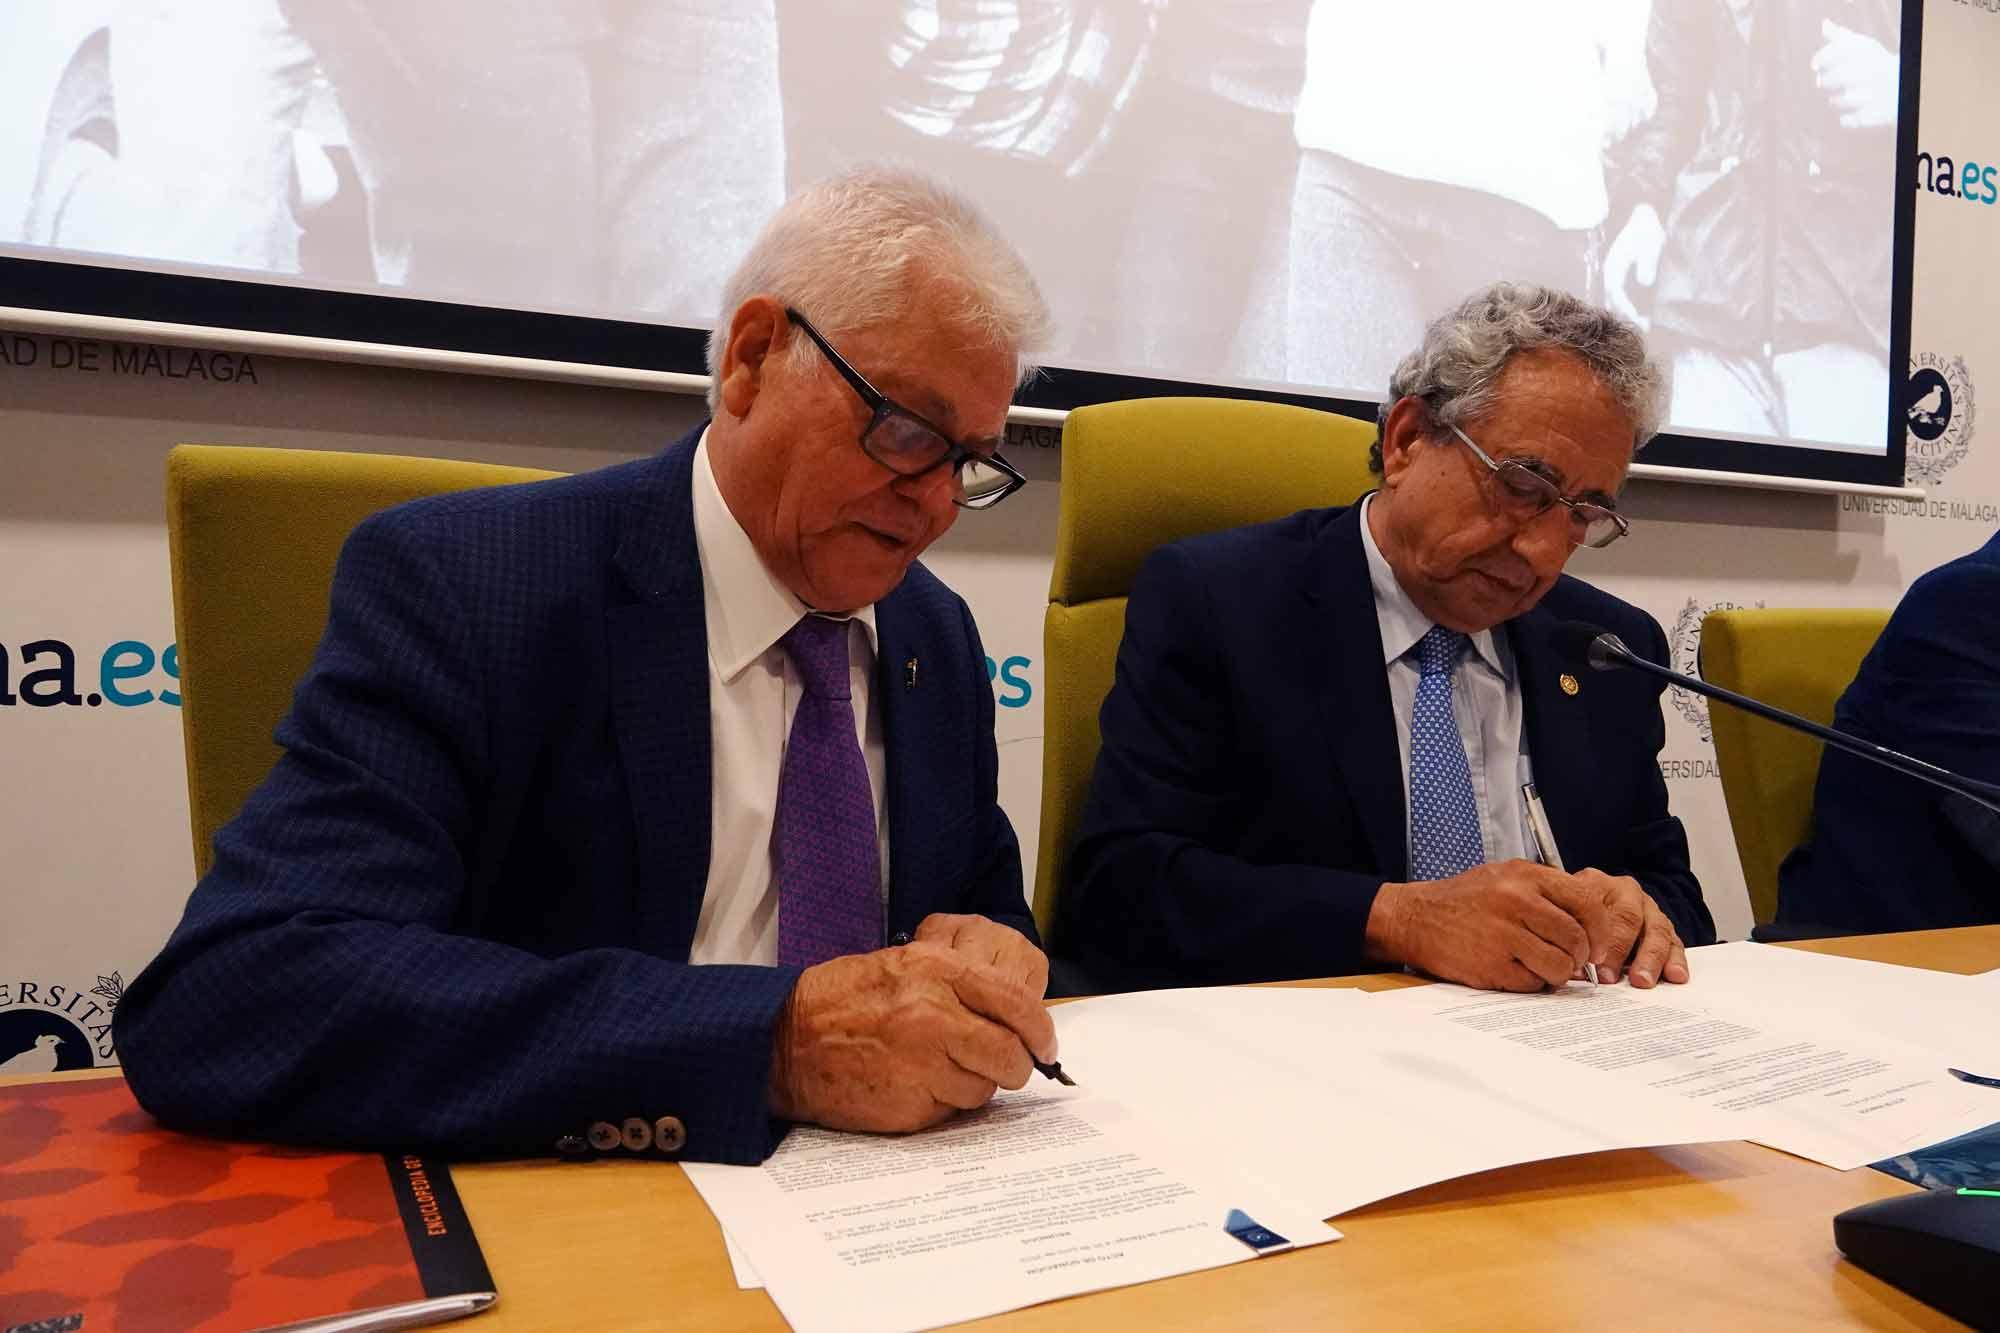 Juan de Dios Mellado, presidente del Consejo Social de la Universidad de Málaga, dona su archivo fotográfico a la UMA